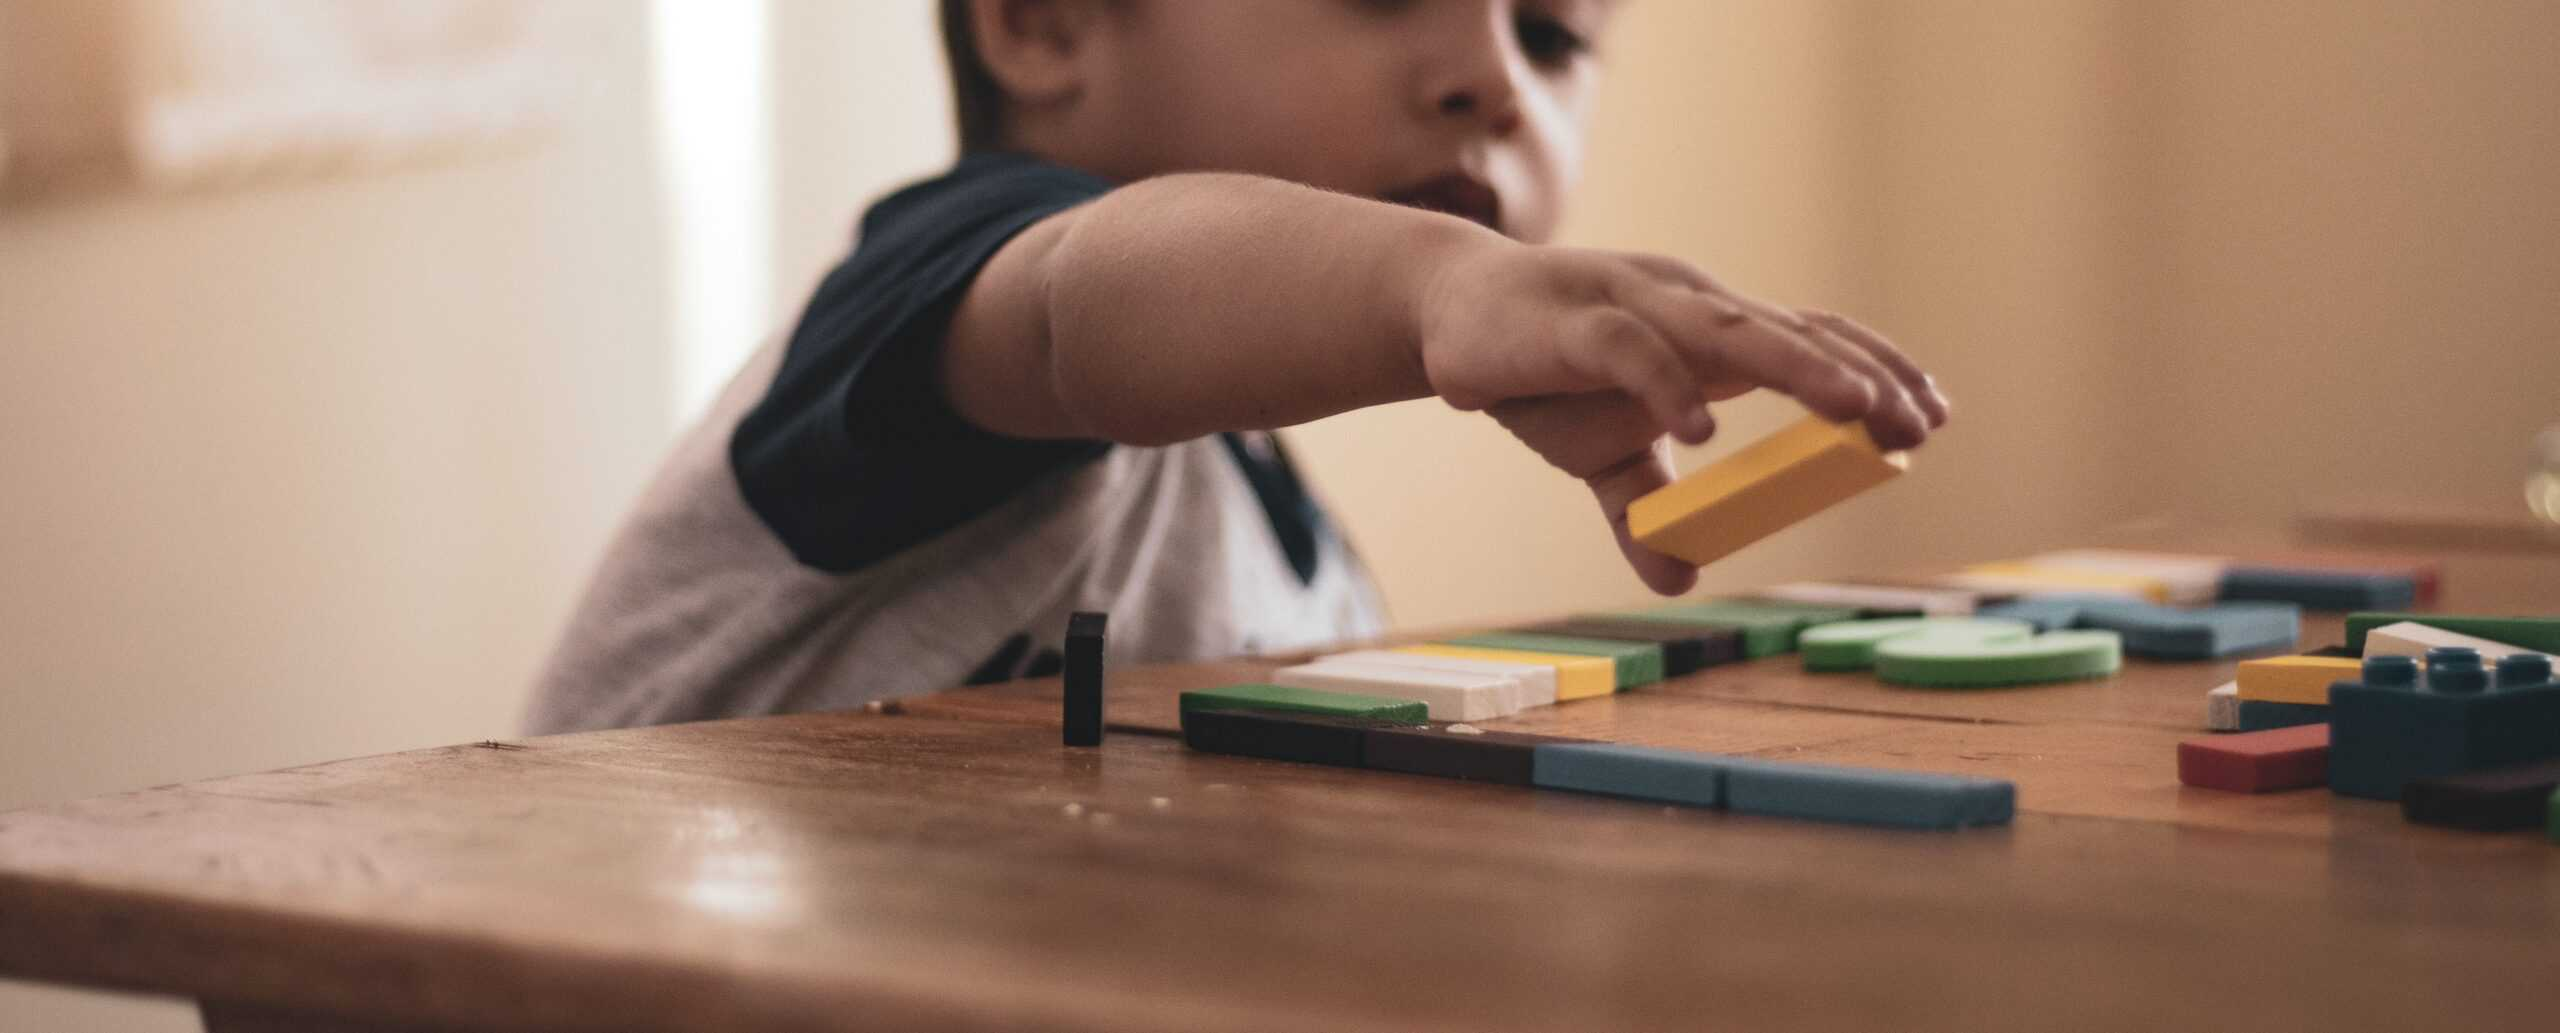 Wat is autisme en hoe ga je ermee om?